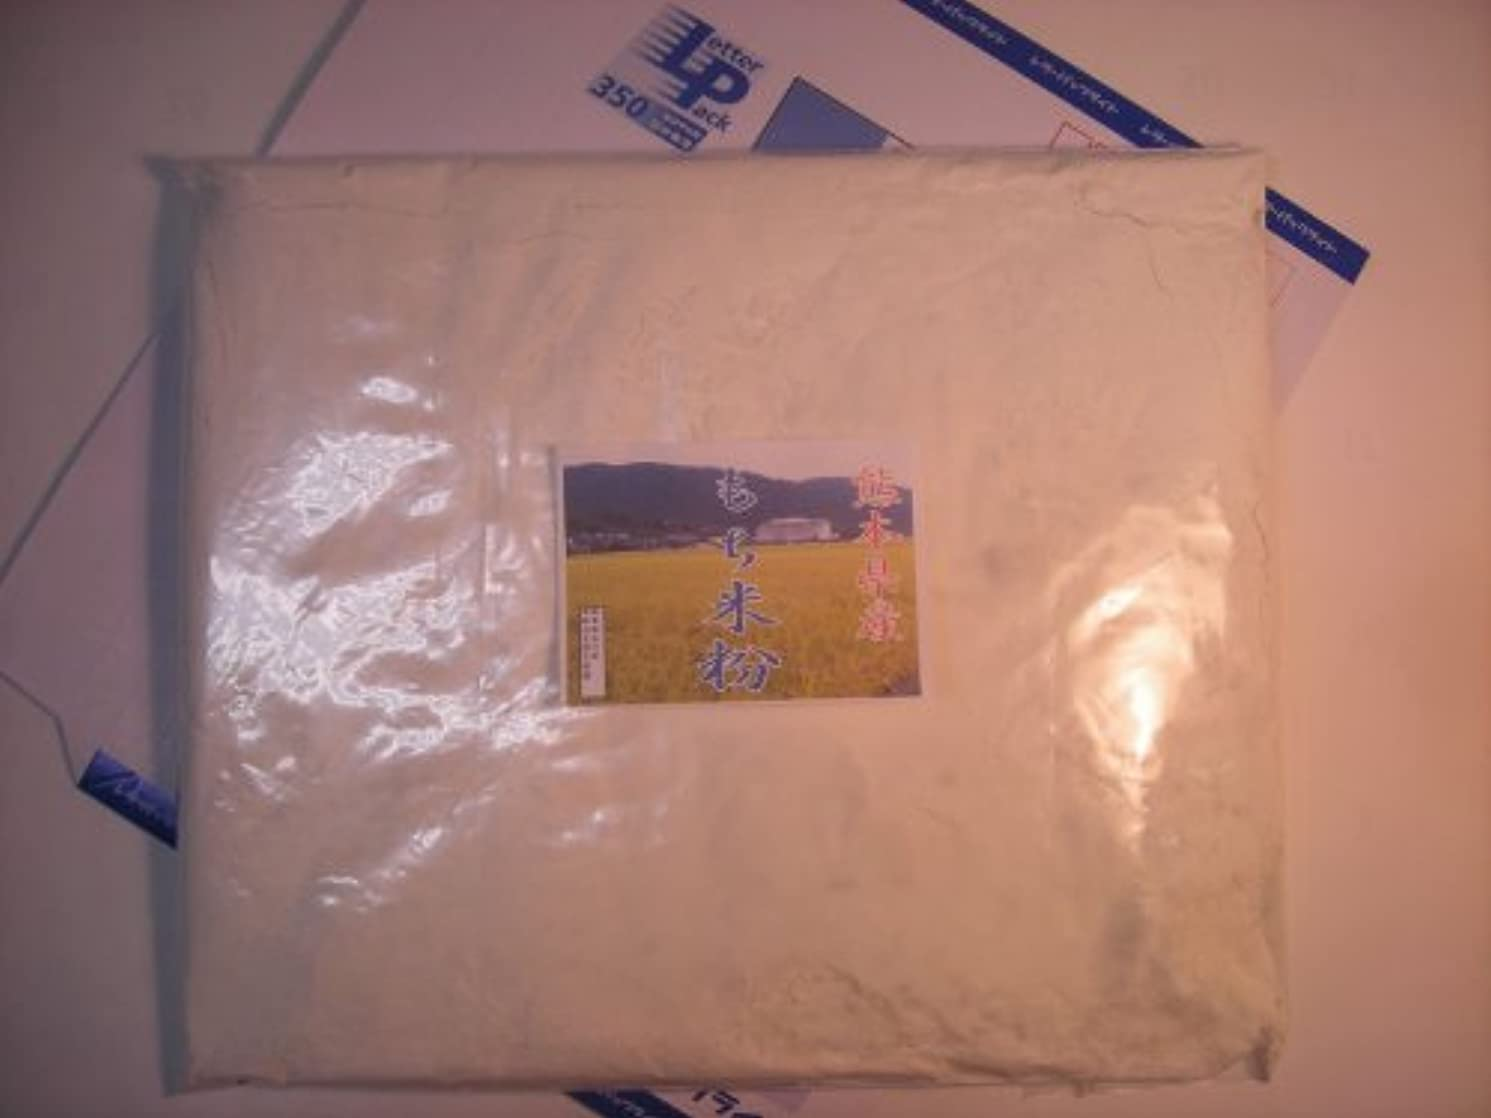 レプリカ報いるストロー熊本県産 もち米粉 800g お試しパック/令和元年産 もち米 原料使用